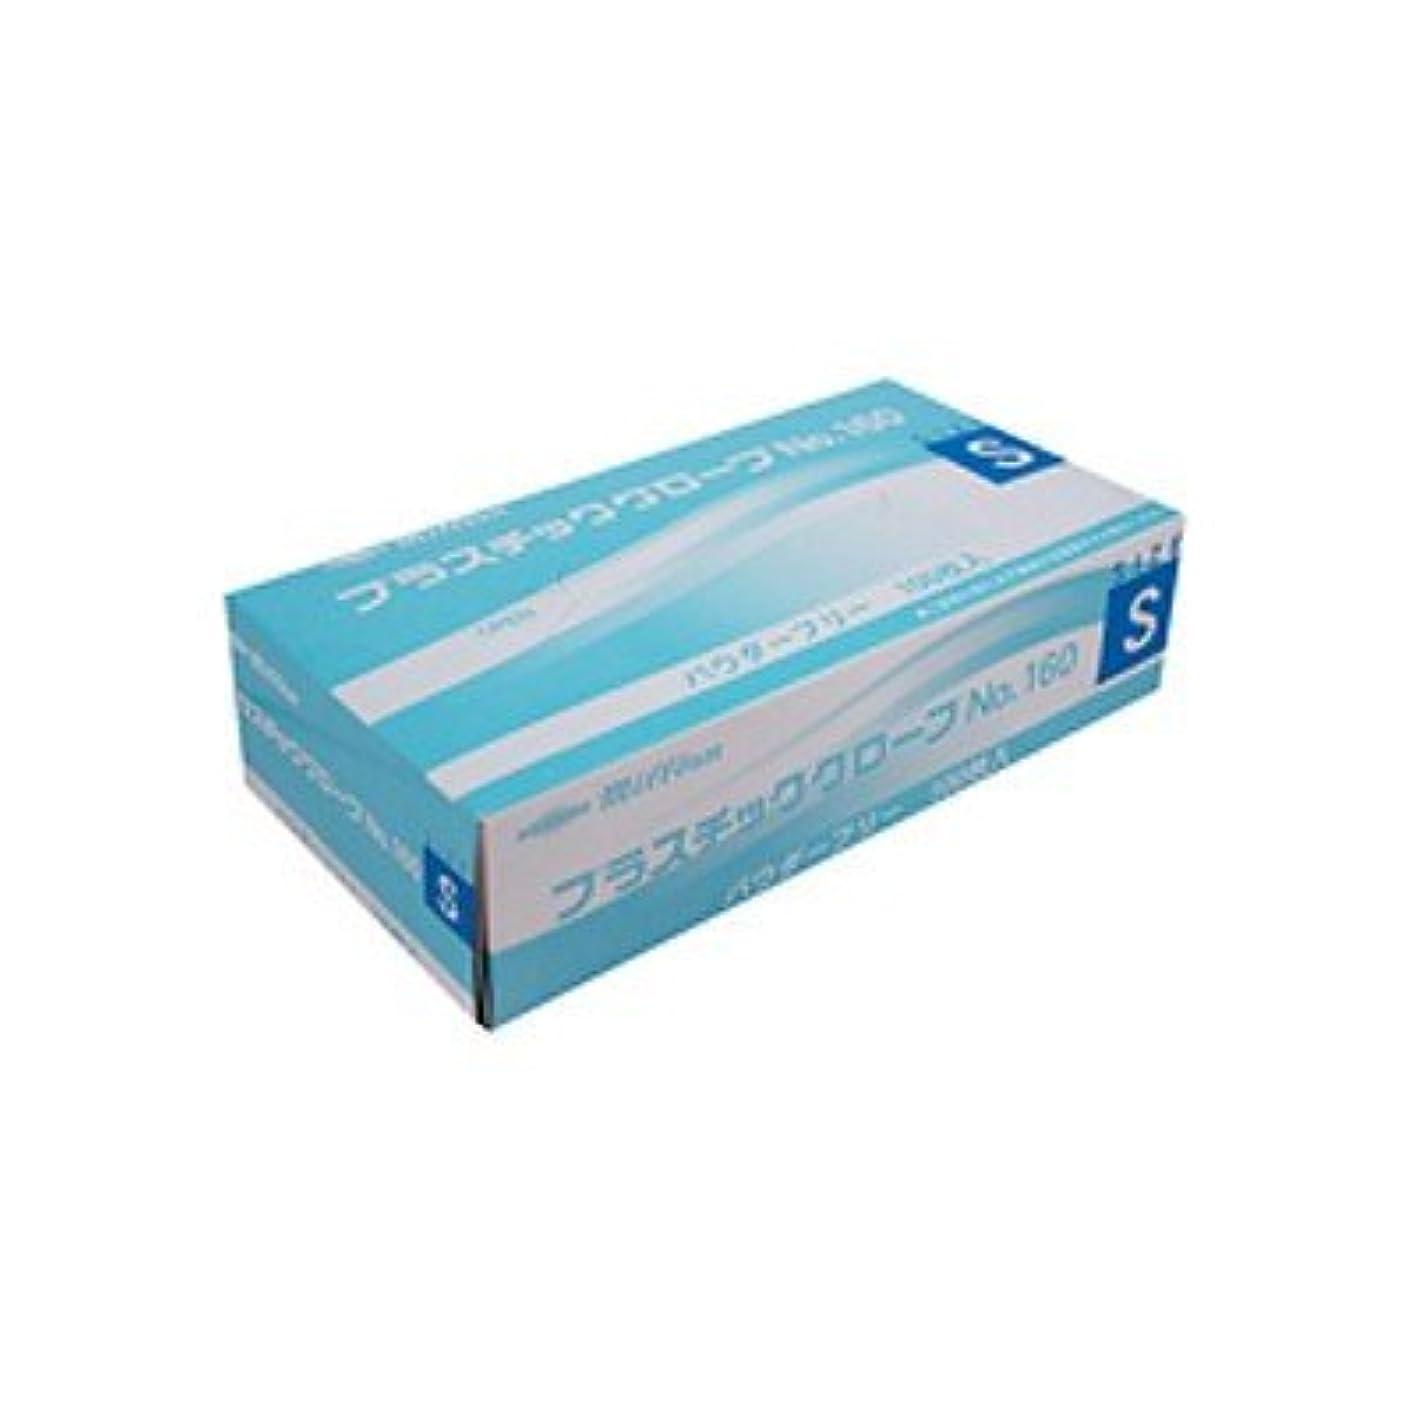 結婚した遠え前提条件ミリオン プラスチック手袋 粉無 No.160 S 品番:LH-160-S 注文番号:62741613 メーカー:共和